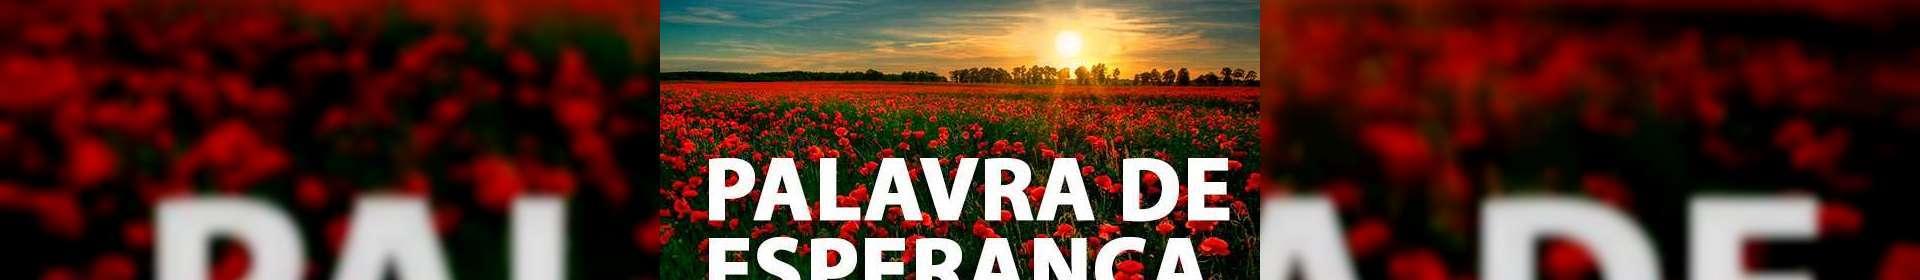 Isaías 64:4 - Uma Palavra de Esperança para sua vida